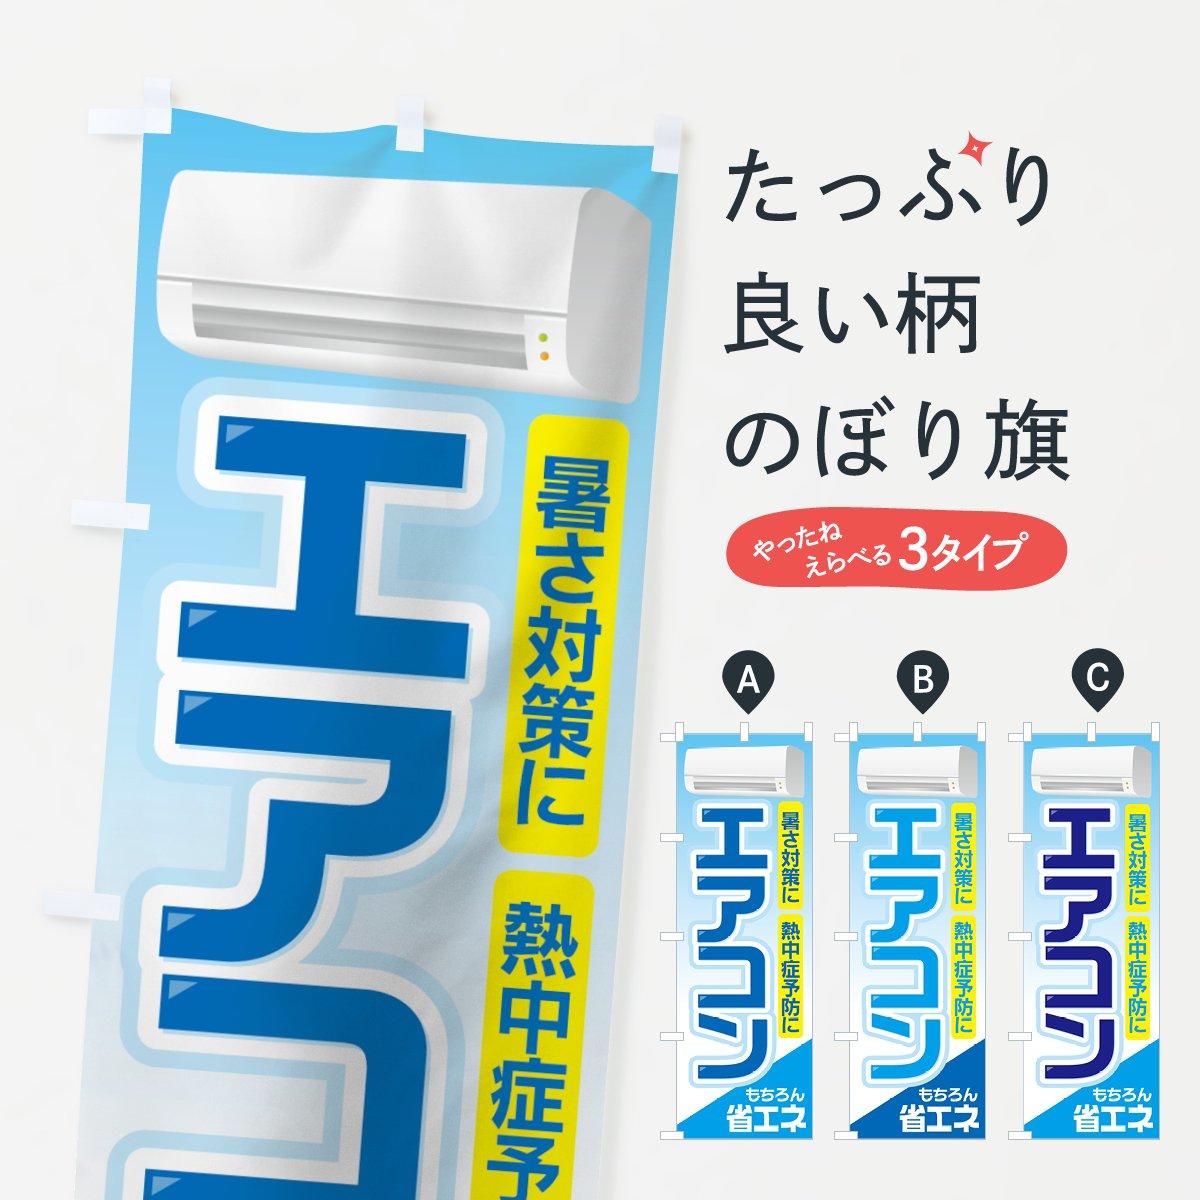 エアコンのぼり旗【省エネ】[電器屋・家電店]